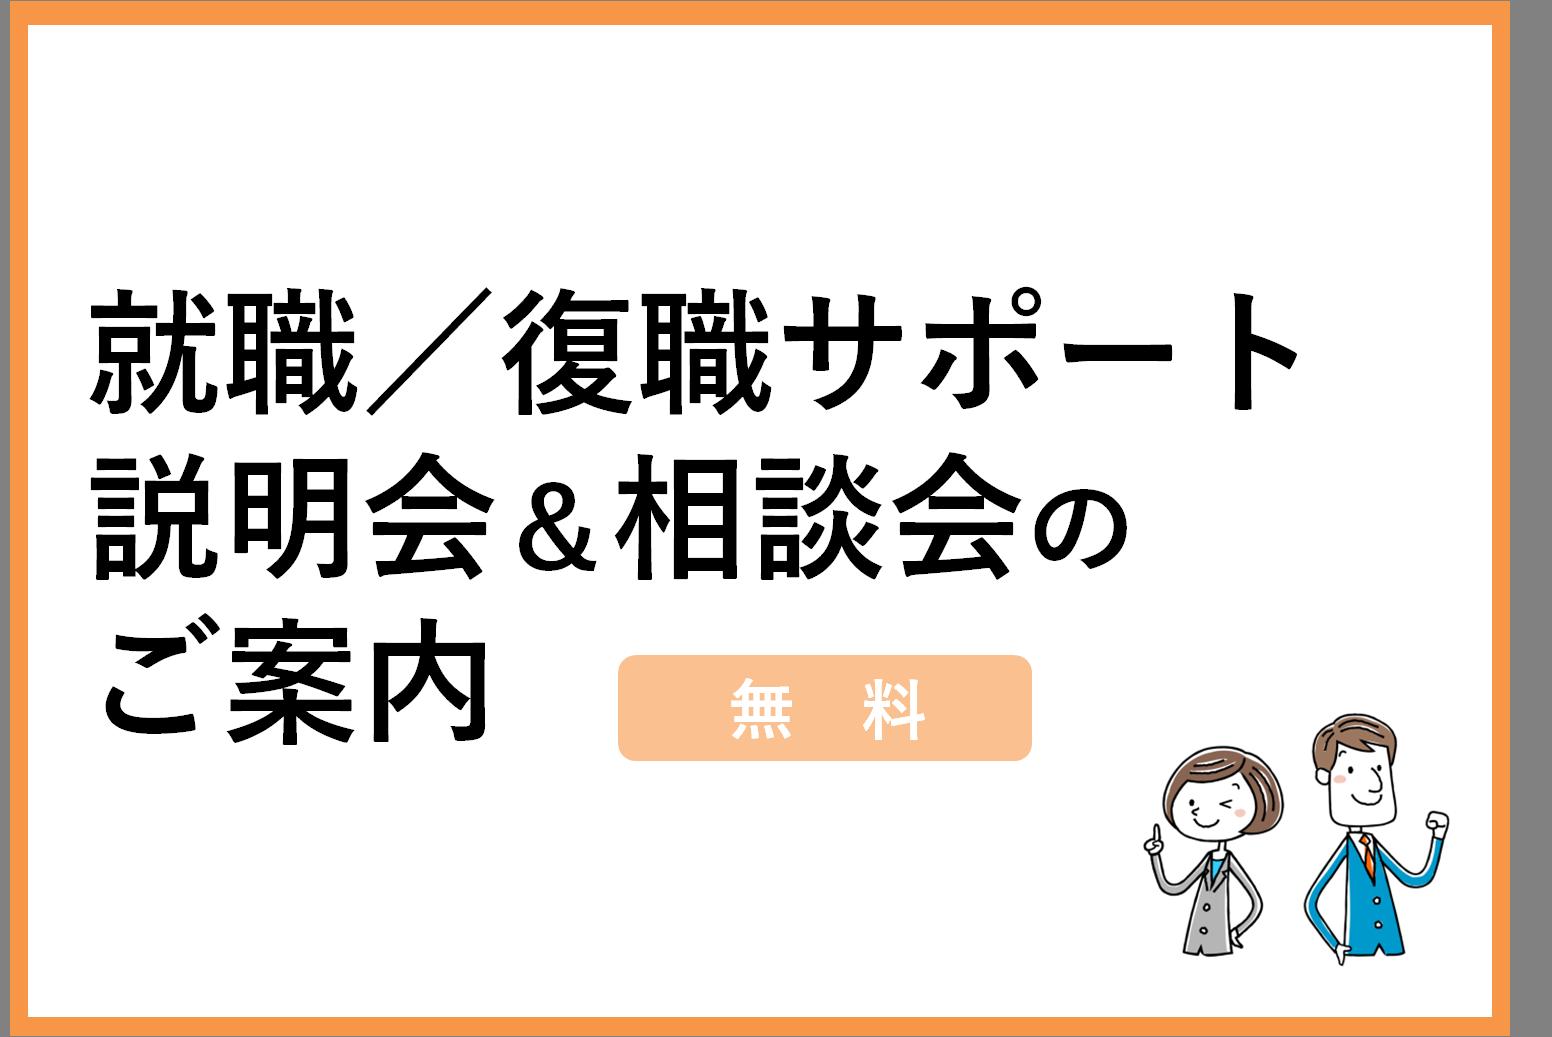 【2月・仙台開催】就職サポート説明会&相談会のご案内